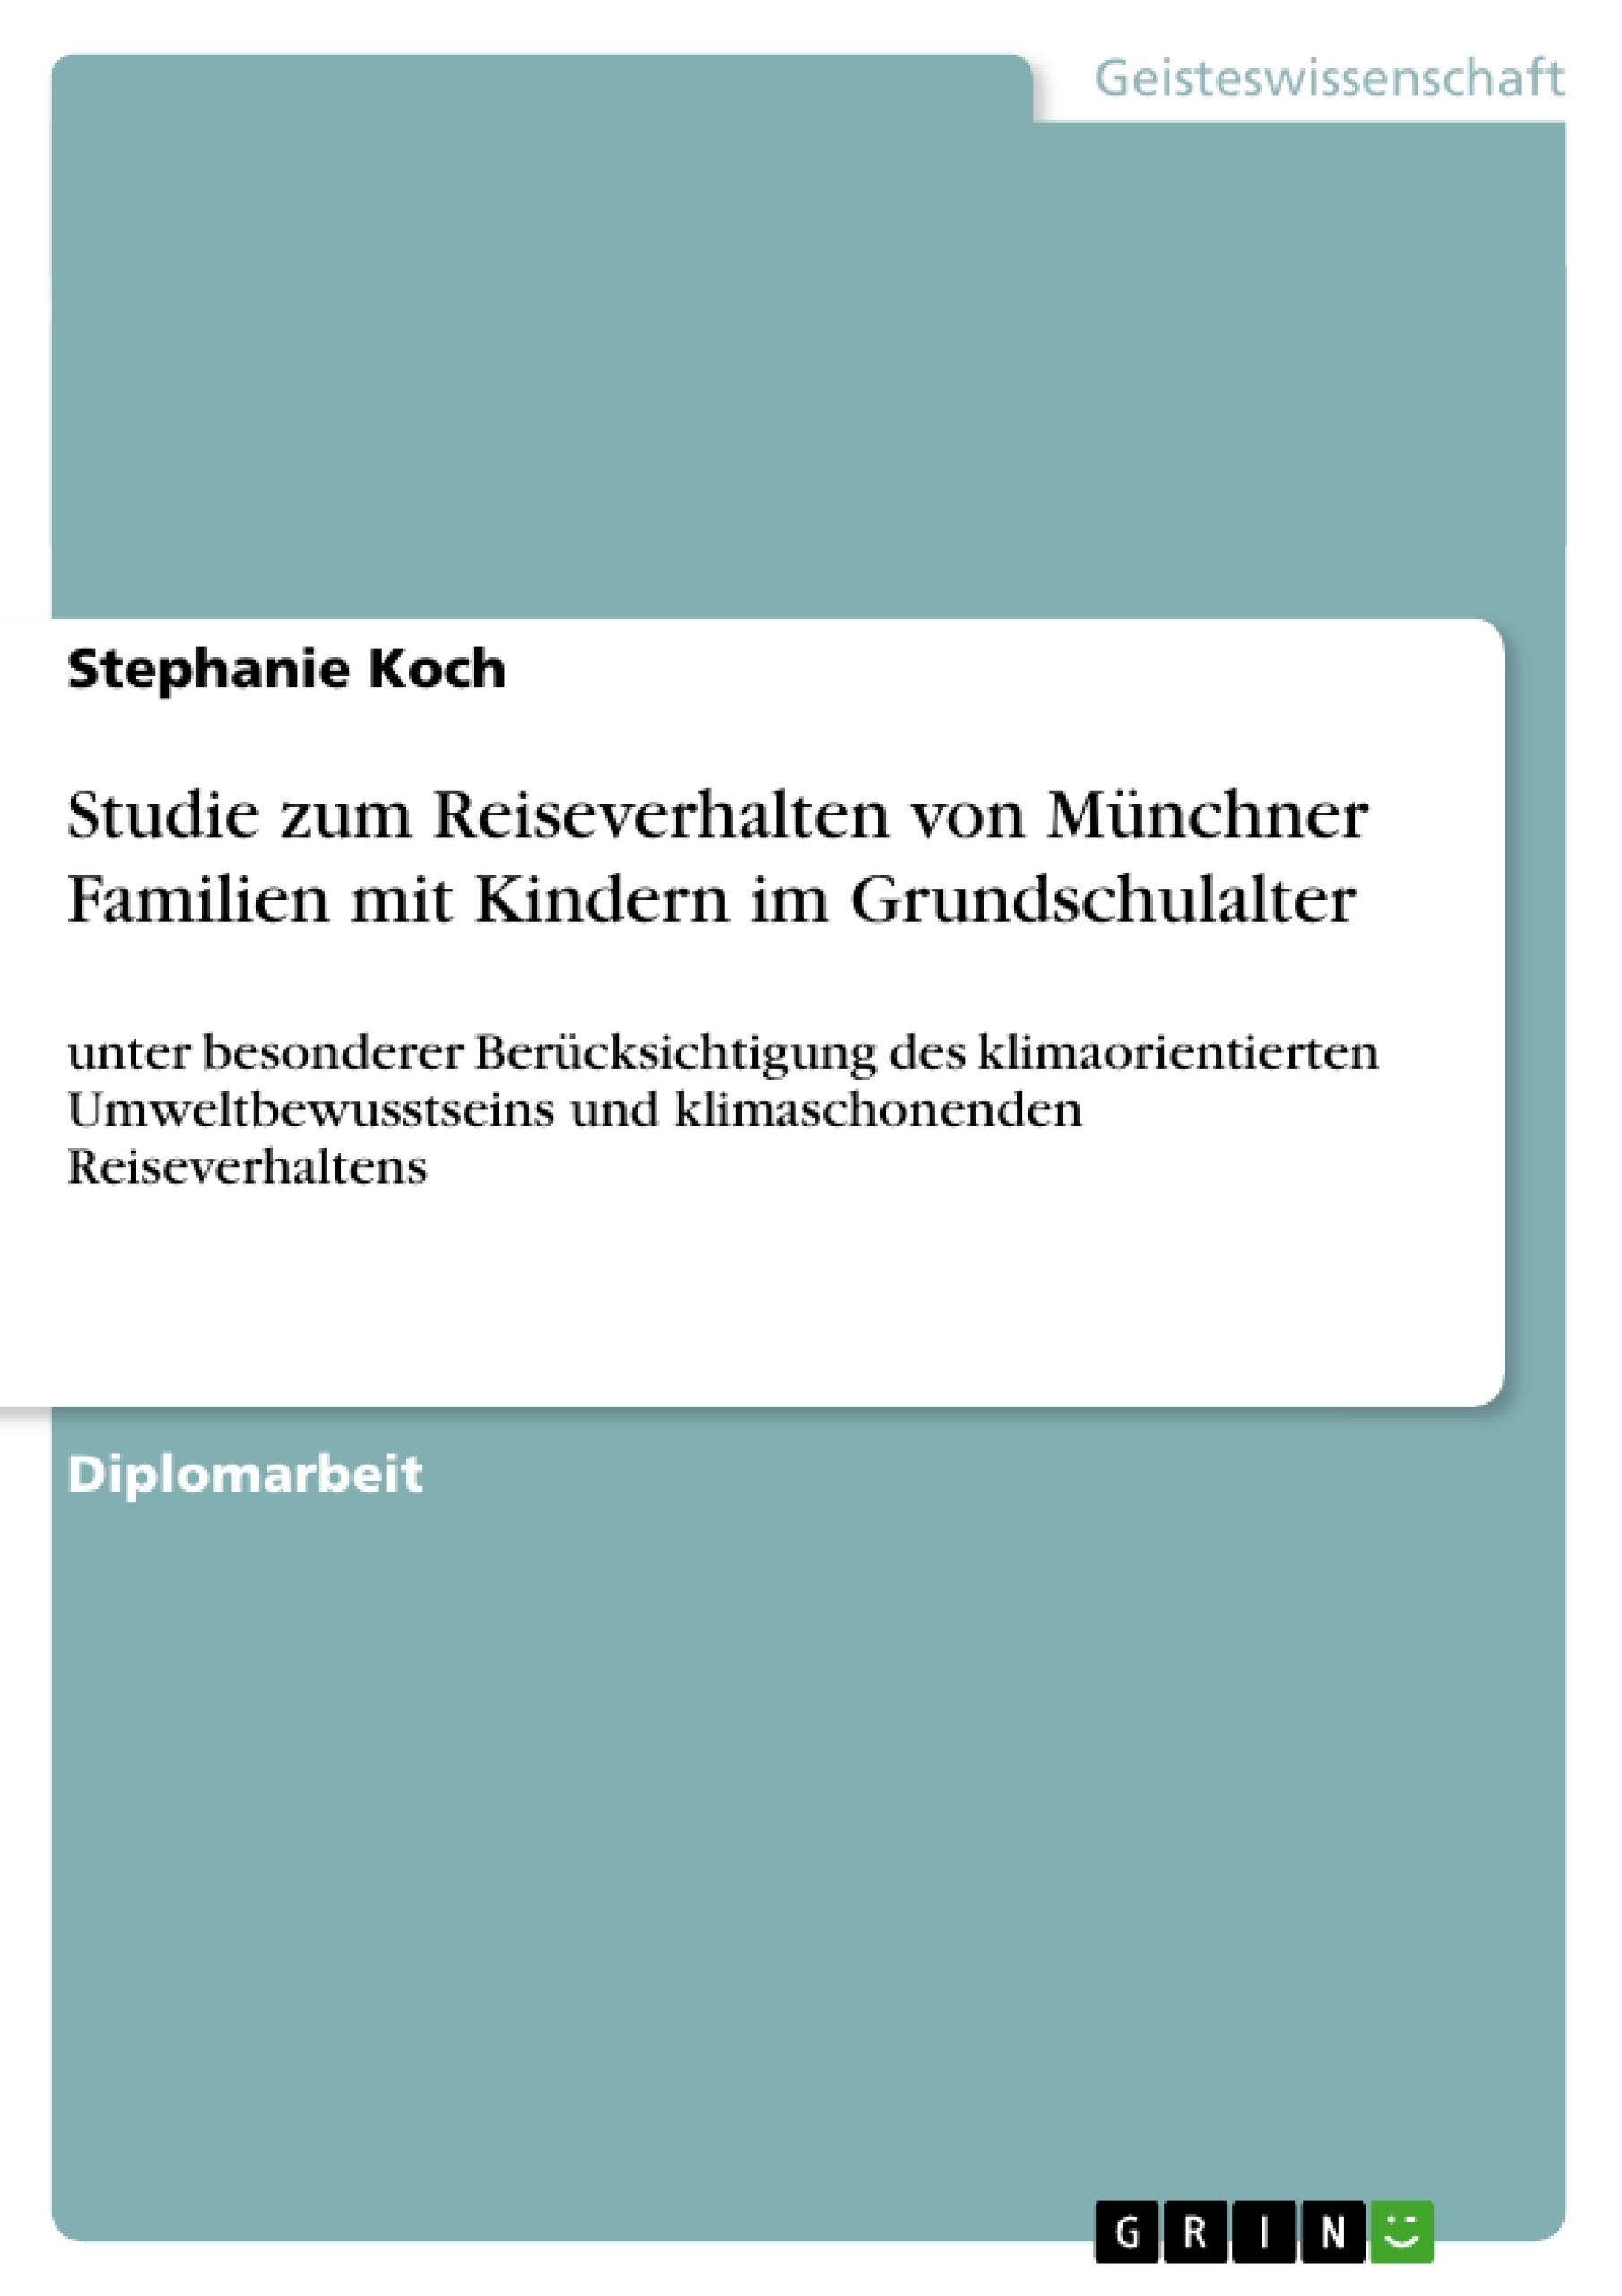 Titel: Studie zum Reiseverhalten von Münchner Familien mit Kindern im Grundschulalter